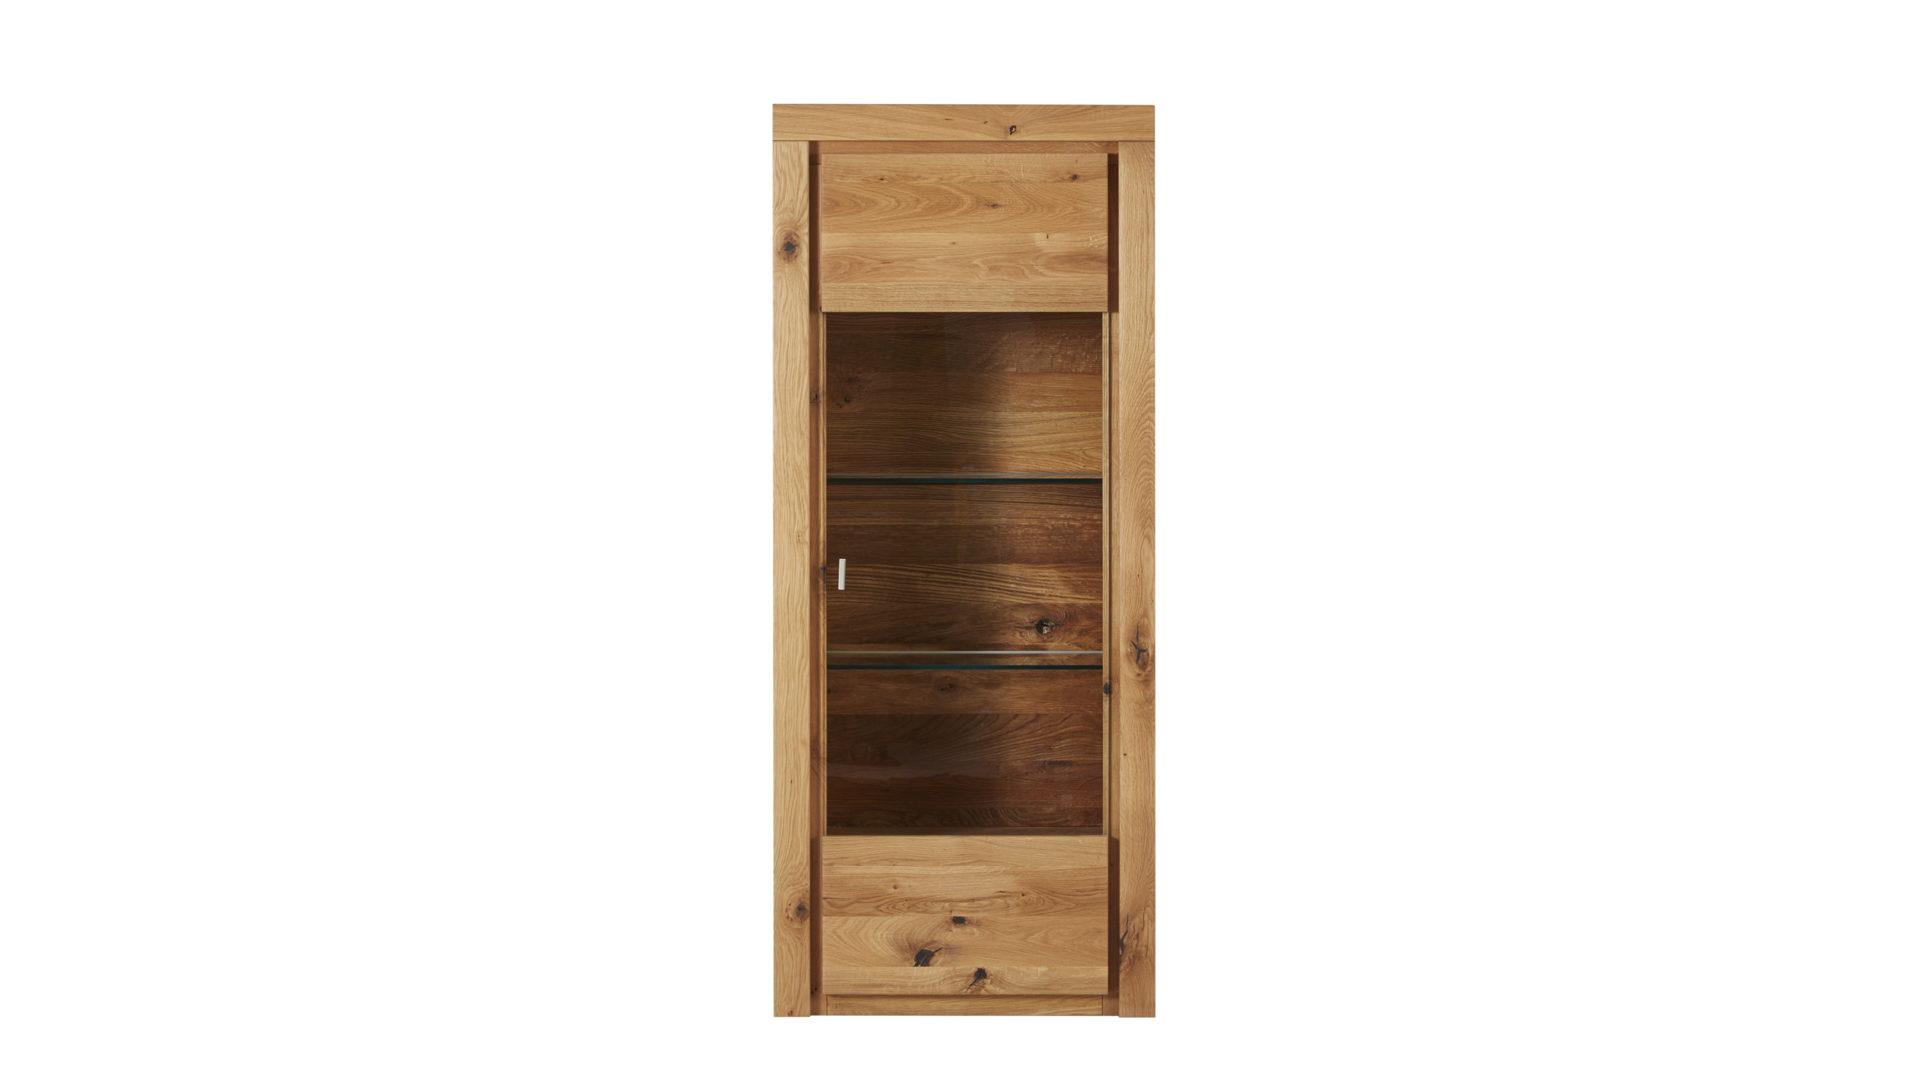 Wohnzimmer Tür, interliving wohnzimmer serie 2003 – vitrine, geölte asteiche – eine tür,, Design ideen